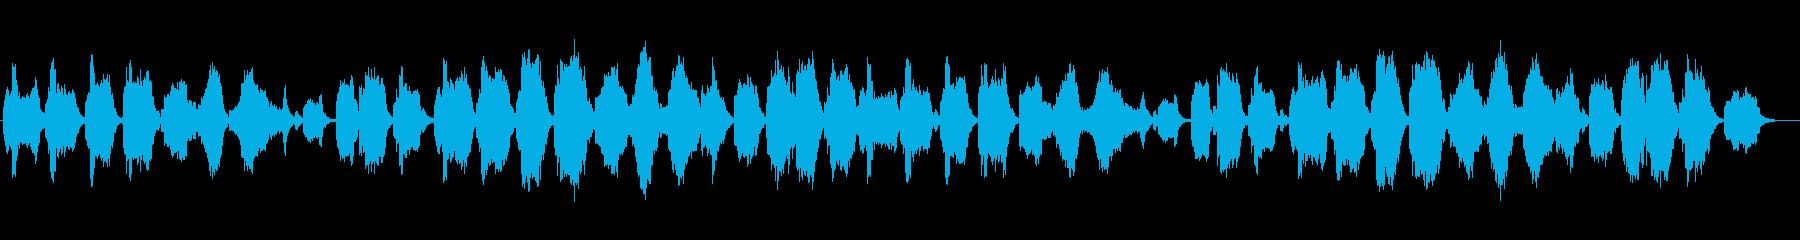 不安な気持ちを駆り立てる和楽器の曲の再生済みの波形